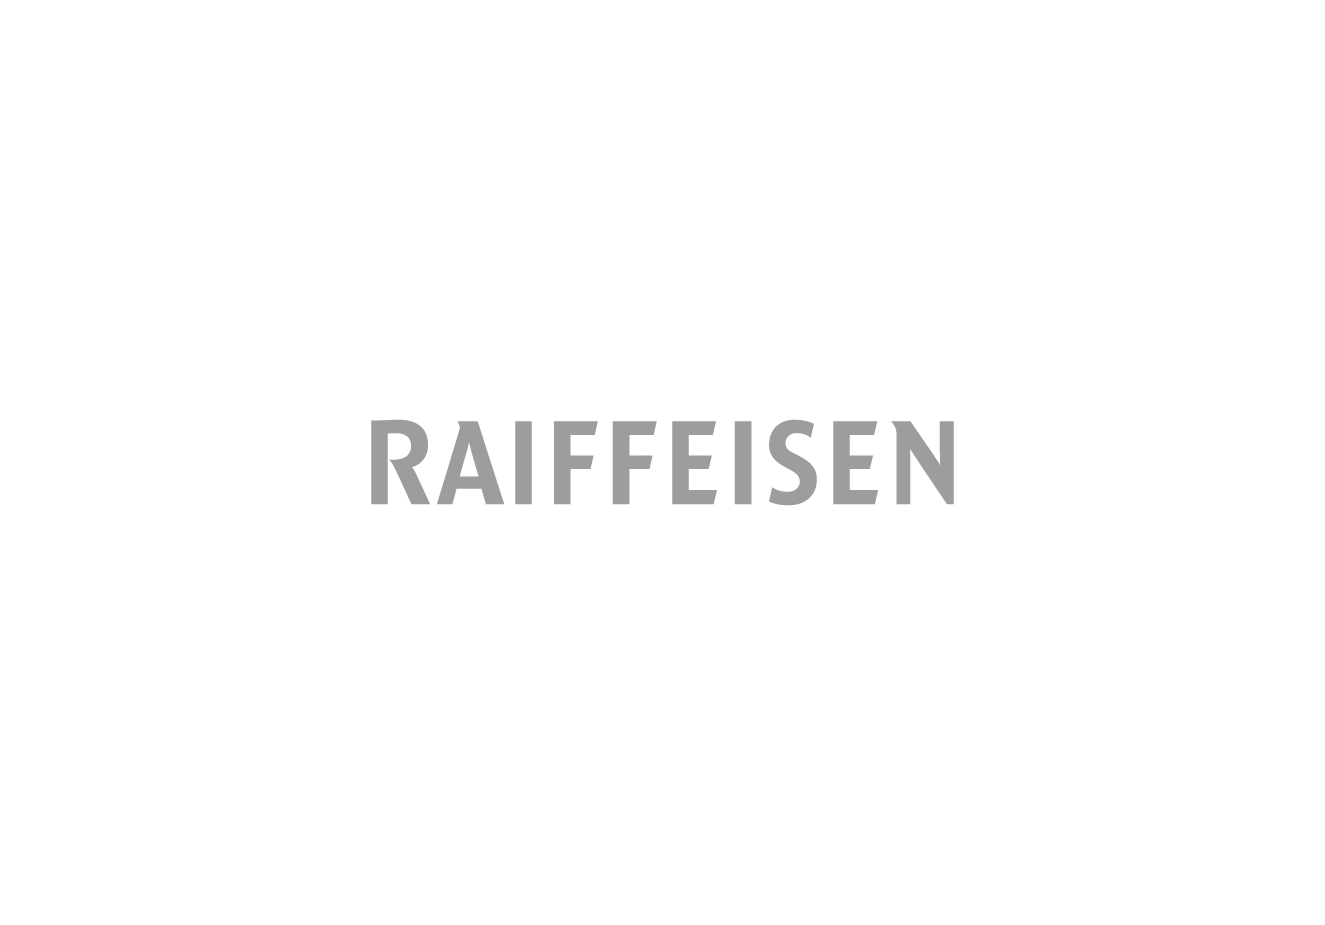 raiffeisen-sw